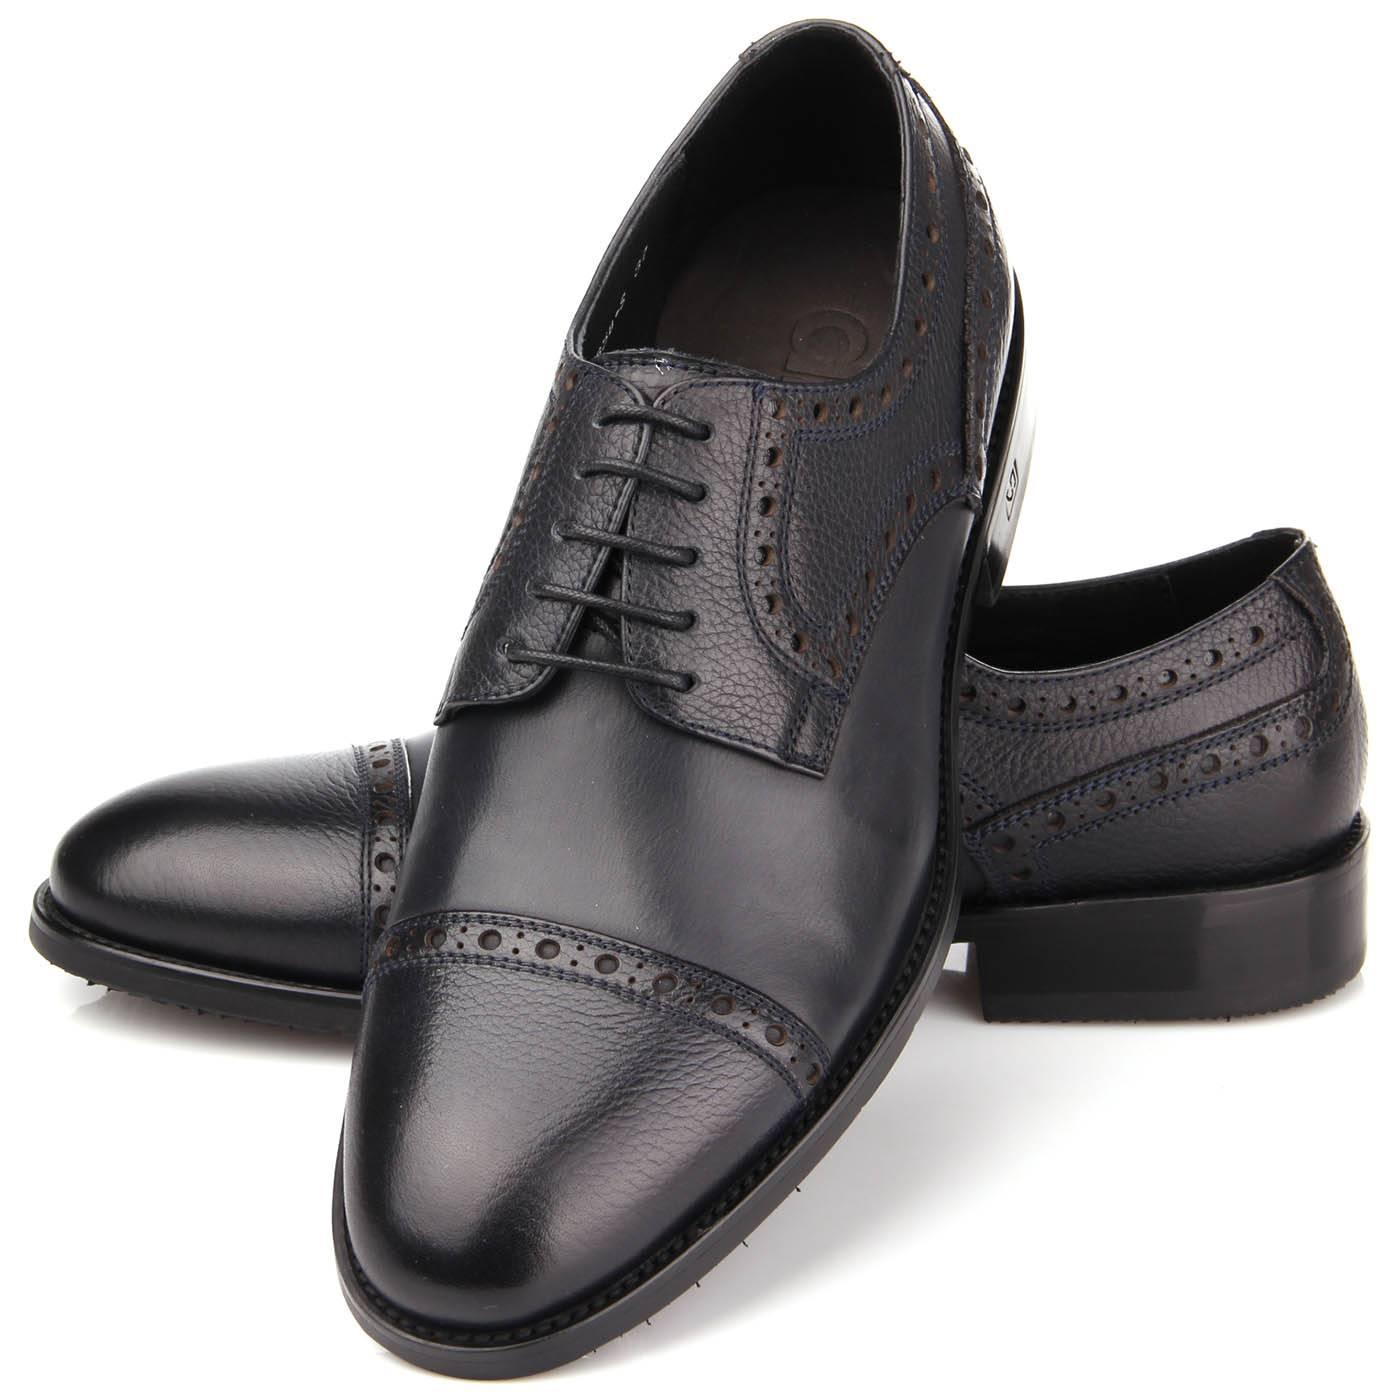 Купить мужскую обувь с доставкой по Москве и всей России